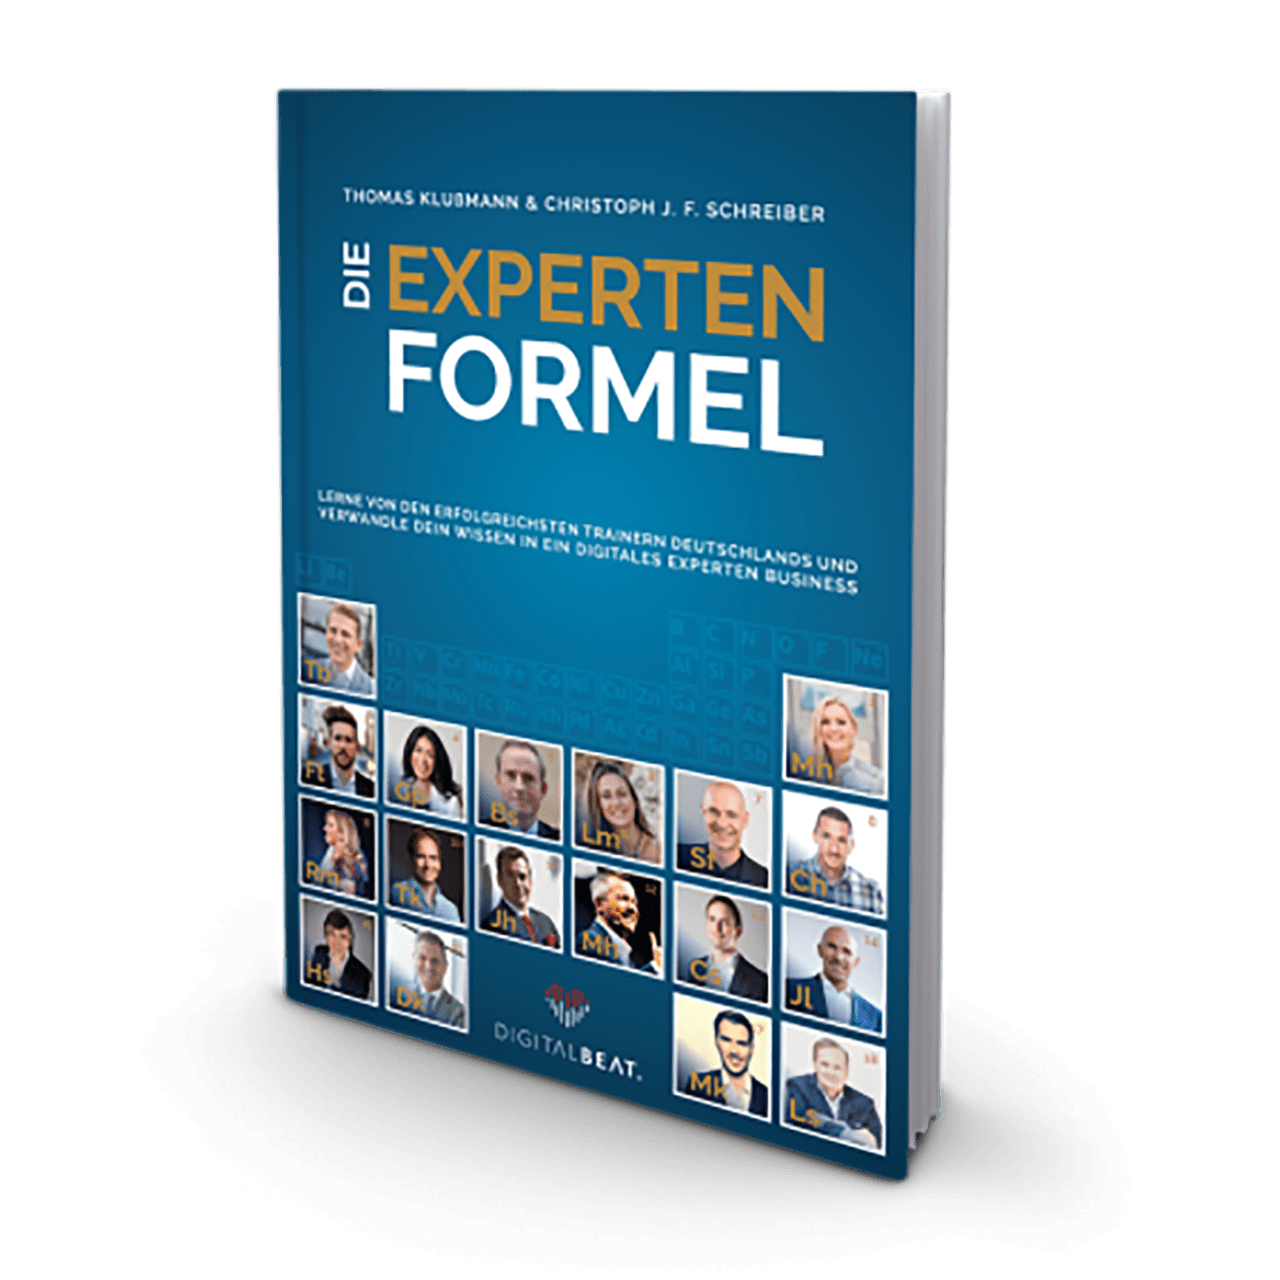 Die Experten Formel von Christoph Schreiber & Thomas Klußmann